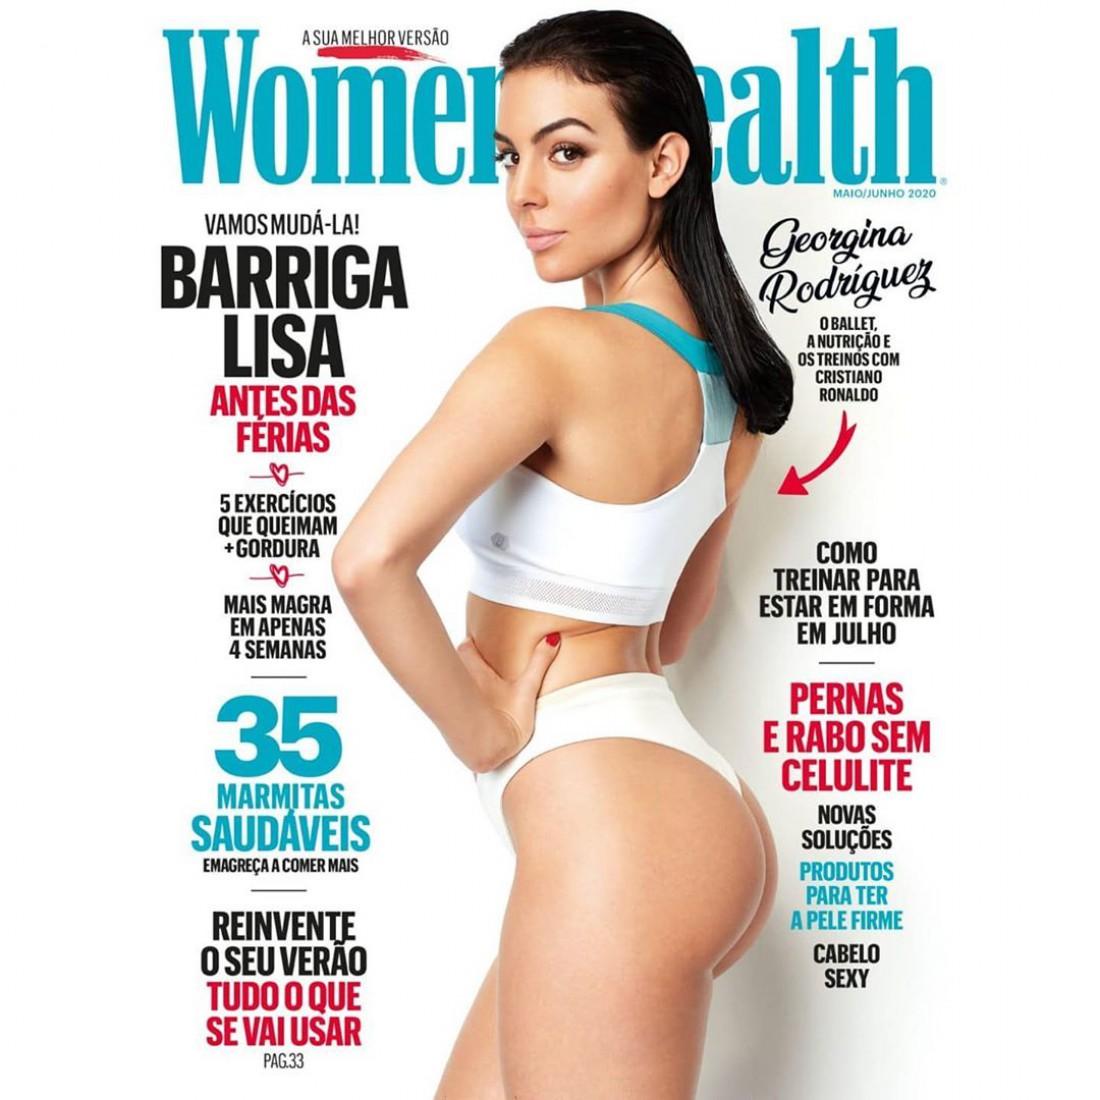 Джорджина Родригес на обложке журнала